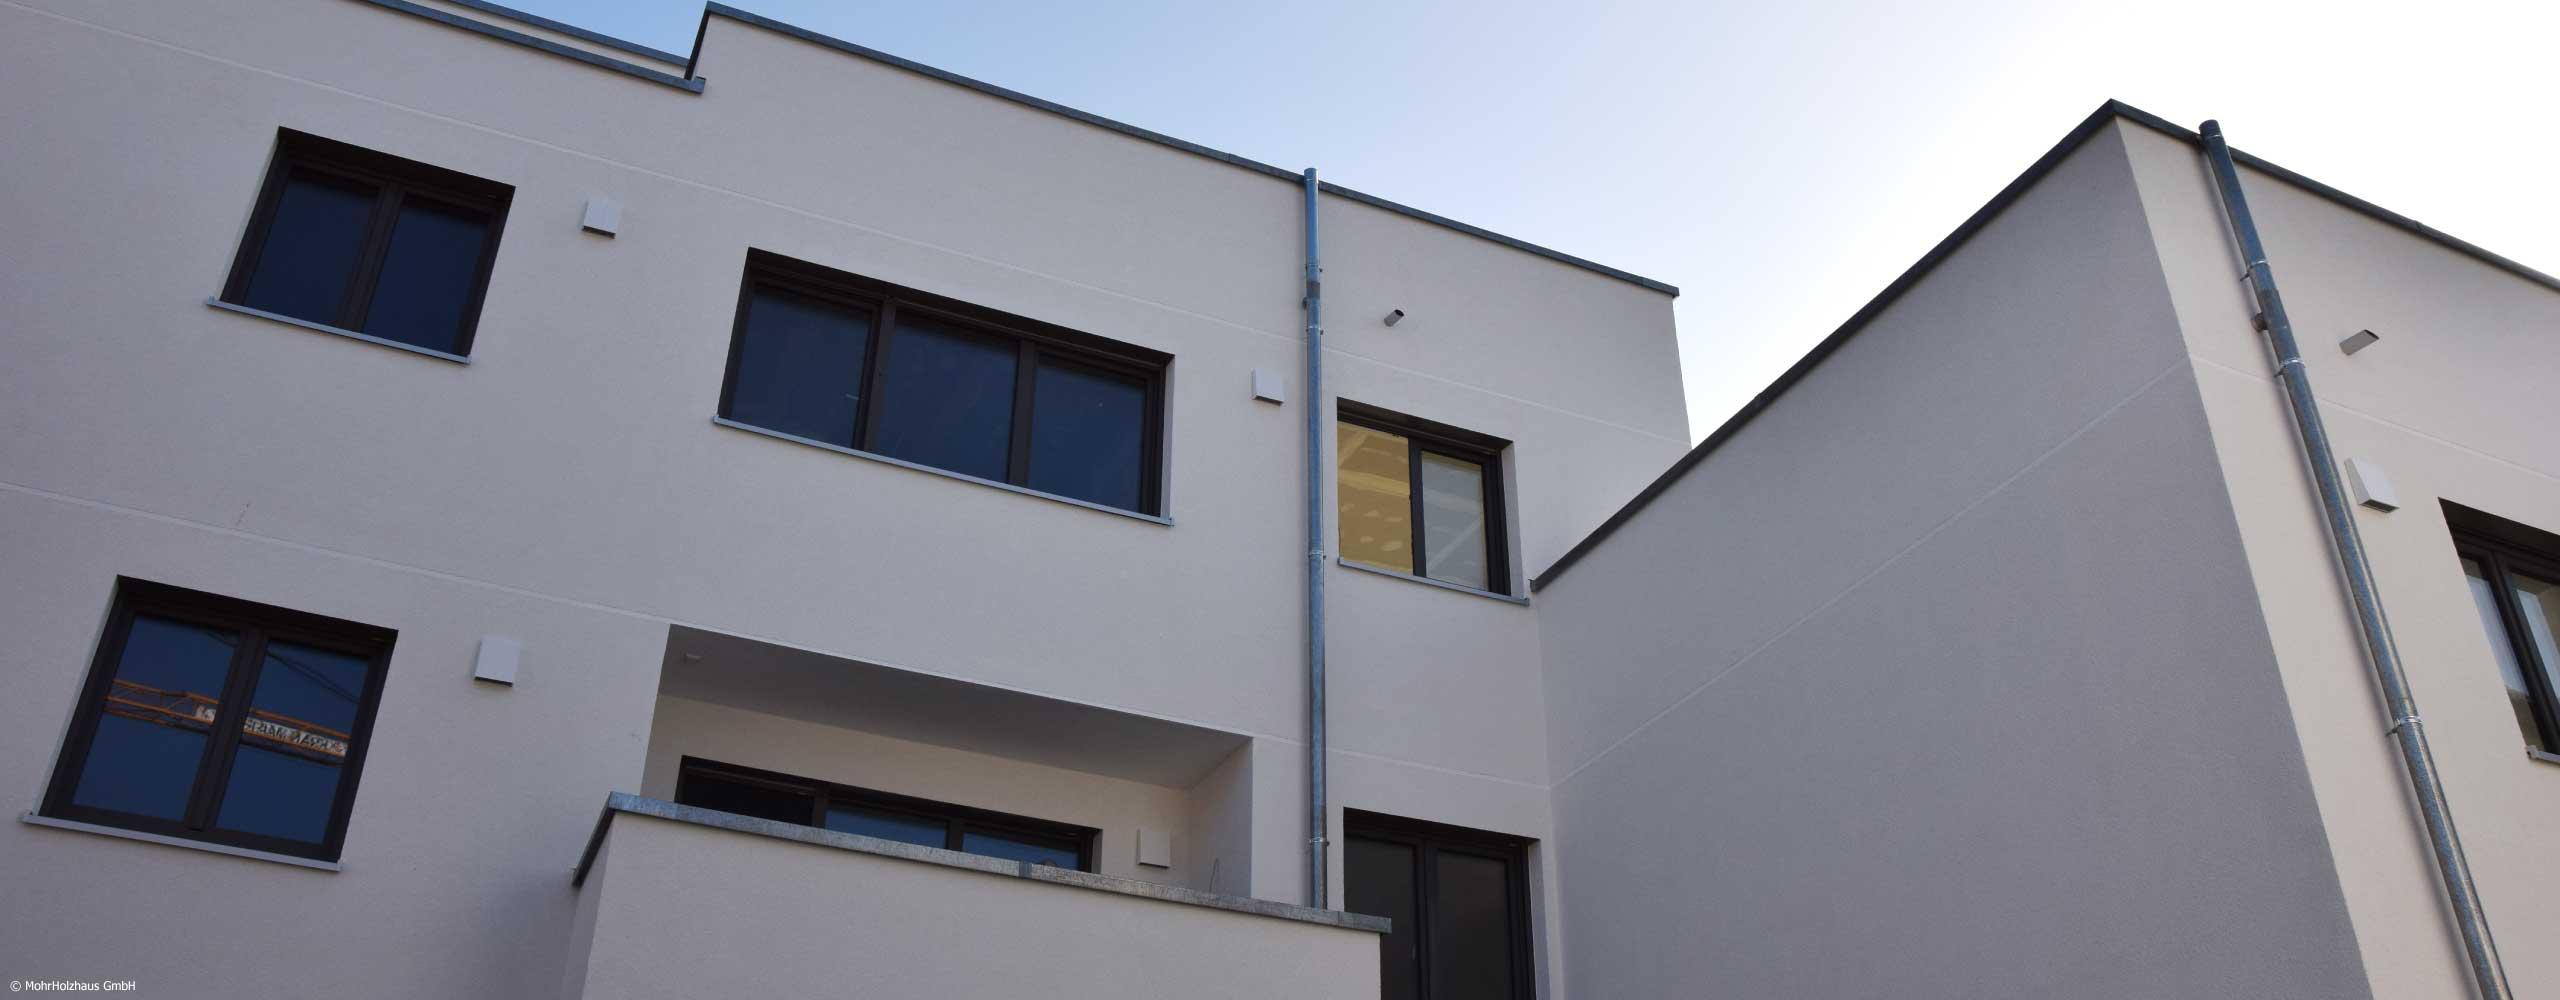 Mehrgeschossiger Holzbau und Objektbau Kundenprojekte Zimmerei Mohr Mohrholzhaus